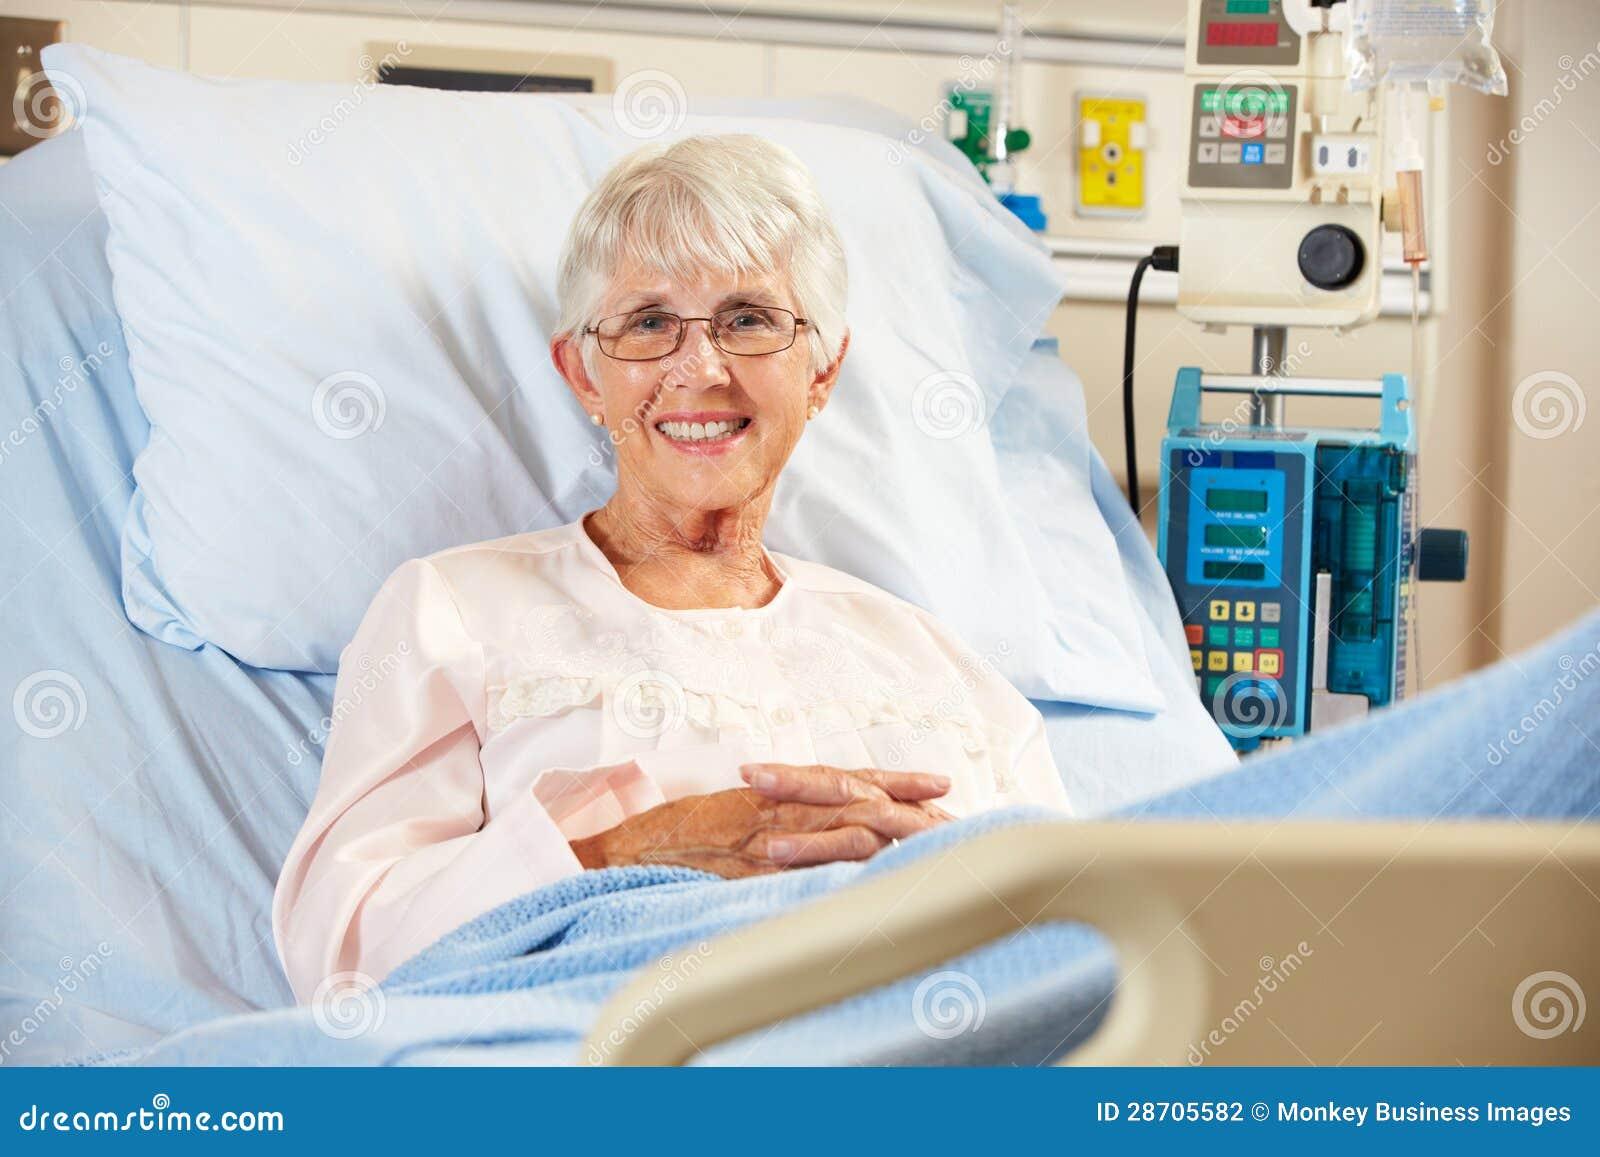 Retrato del paciente femenino mayor que se relaja en cama de hospital